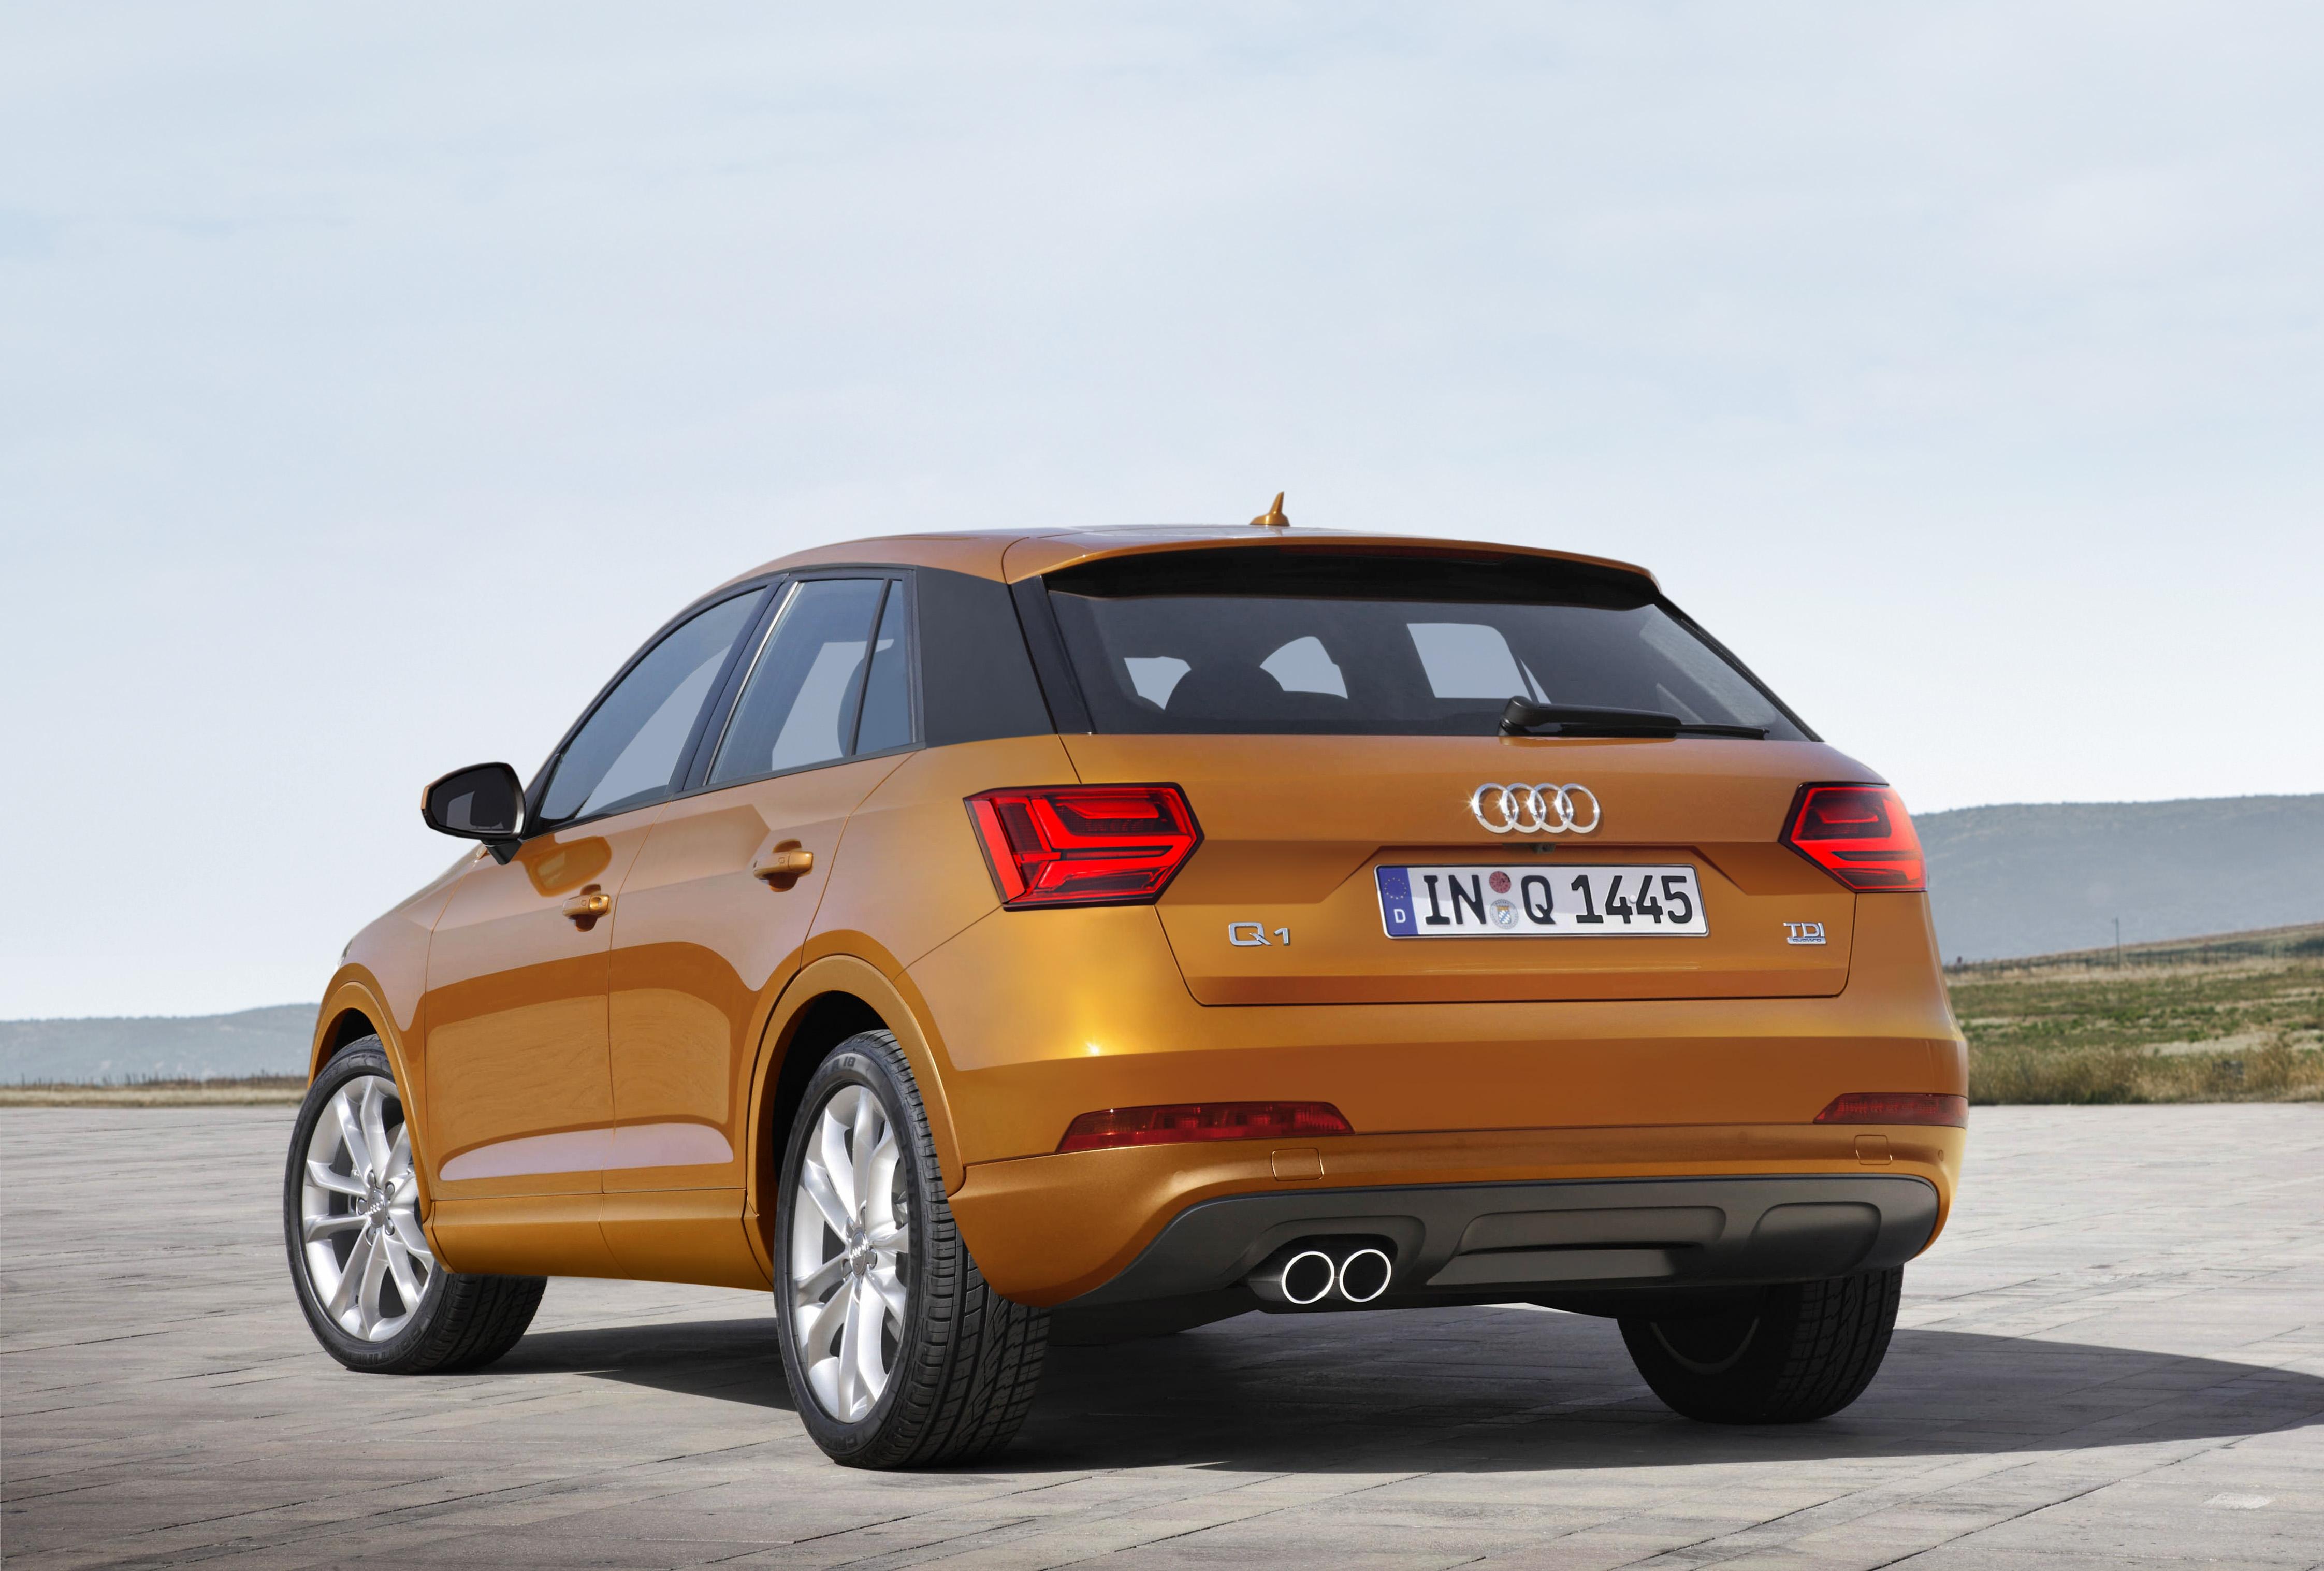 Een impressie van Audi Q1/Q2. In het echt lijkt de kentekenplaat lager te zitten. Impressie: Schulte Design